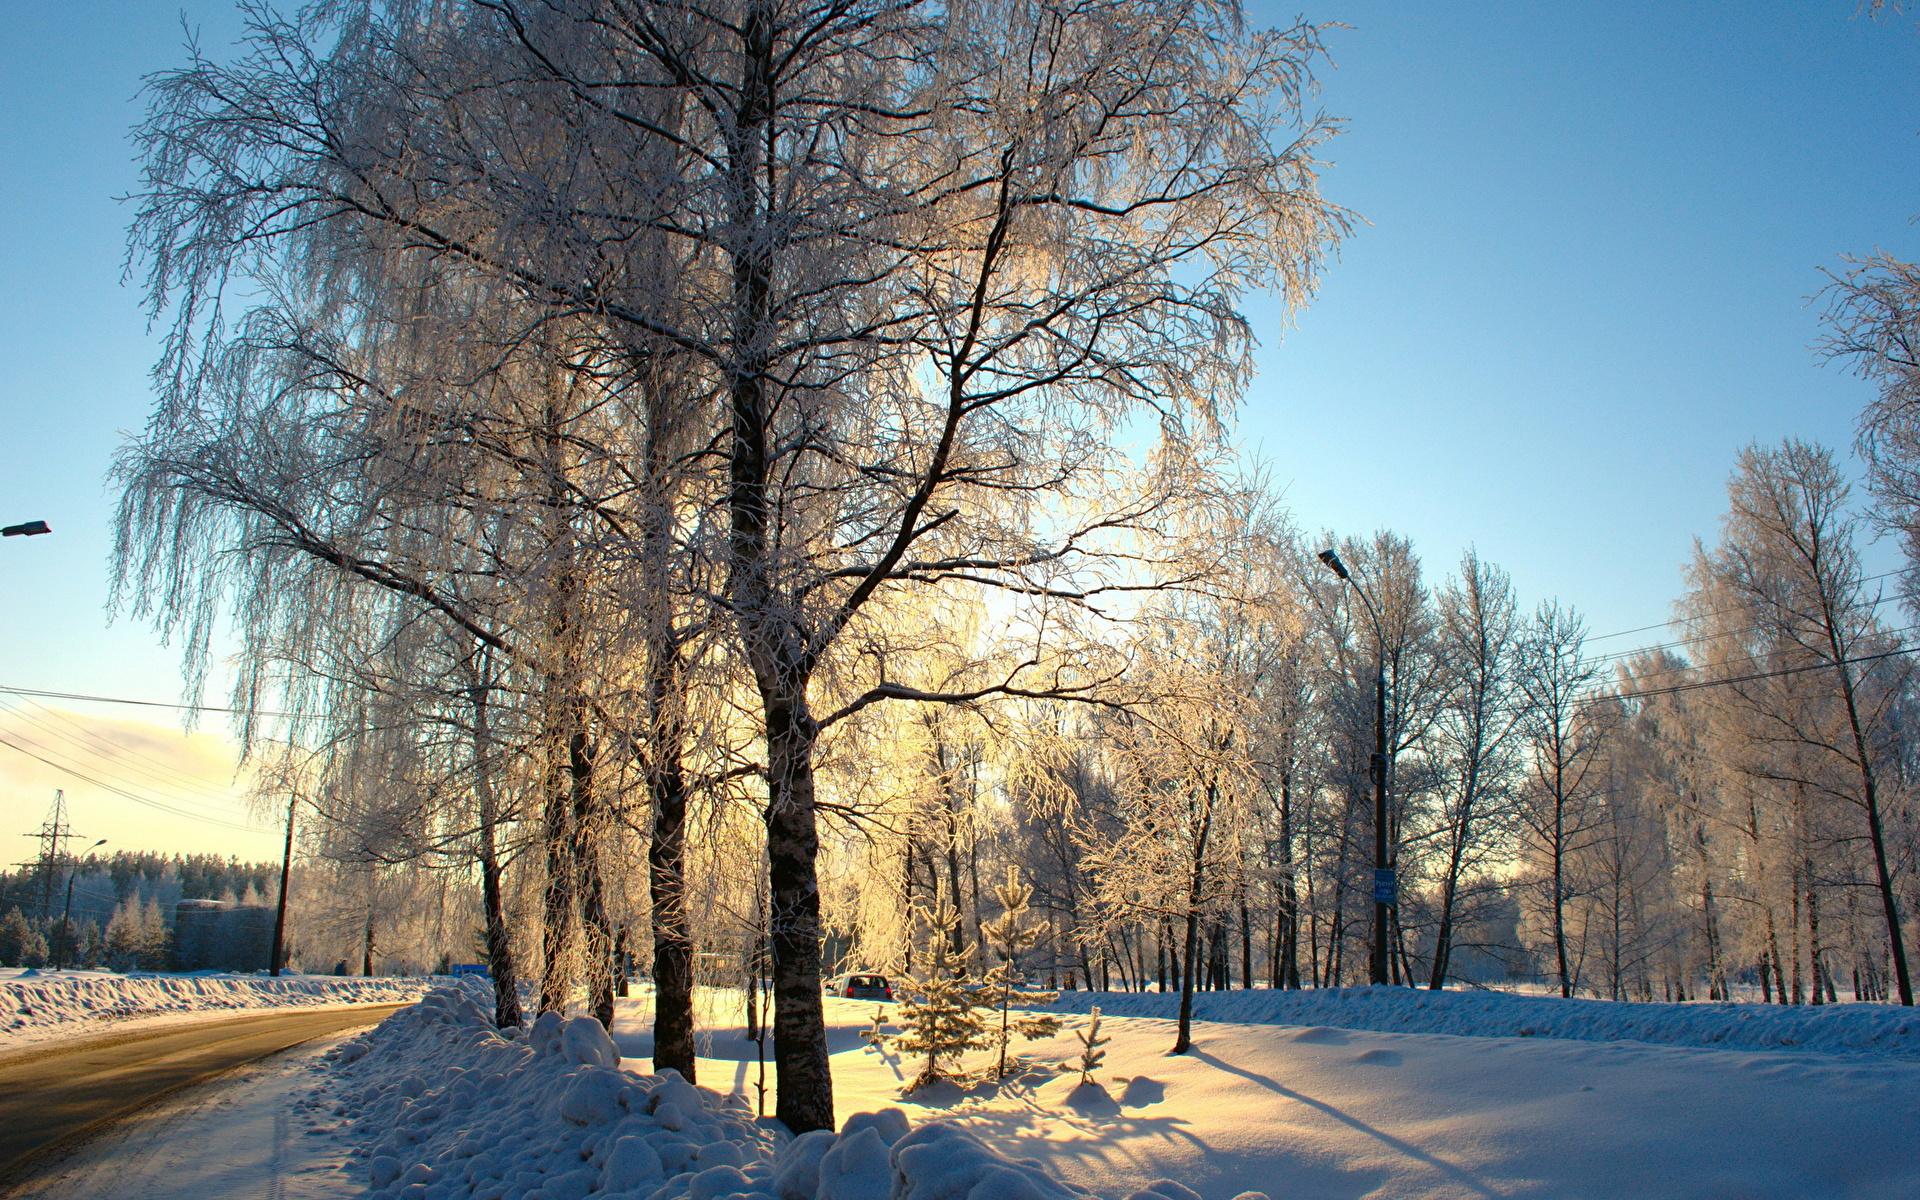 1920x1200 Estaciones del año Invierno Carreteras Nieve árboles Naturaleza